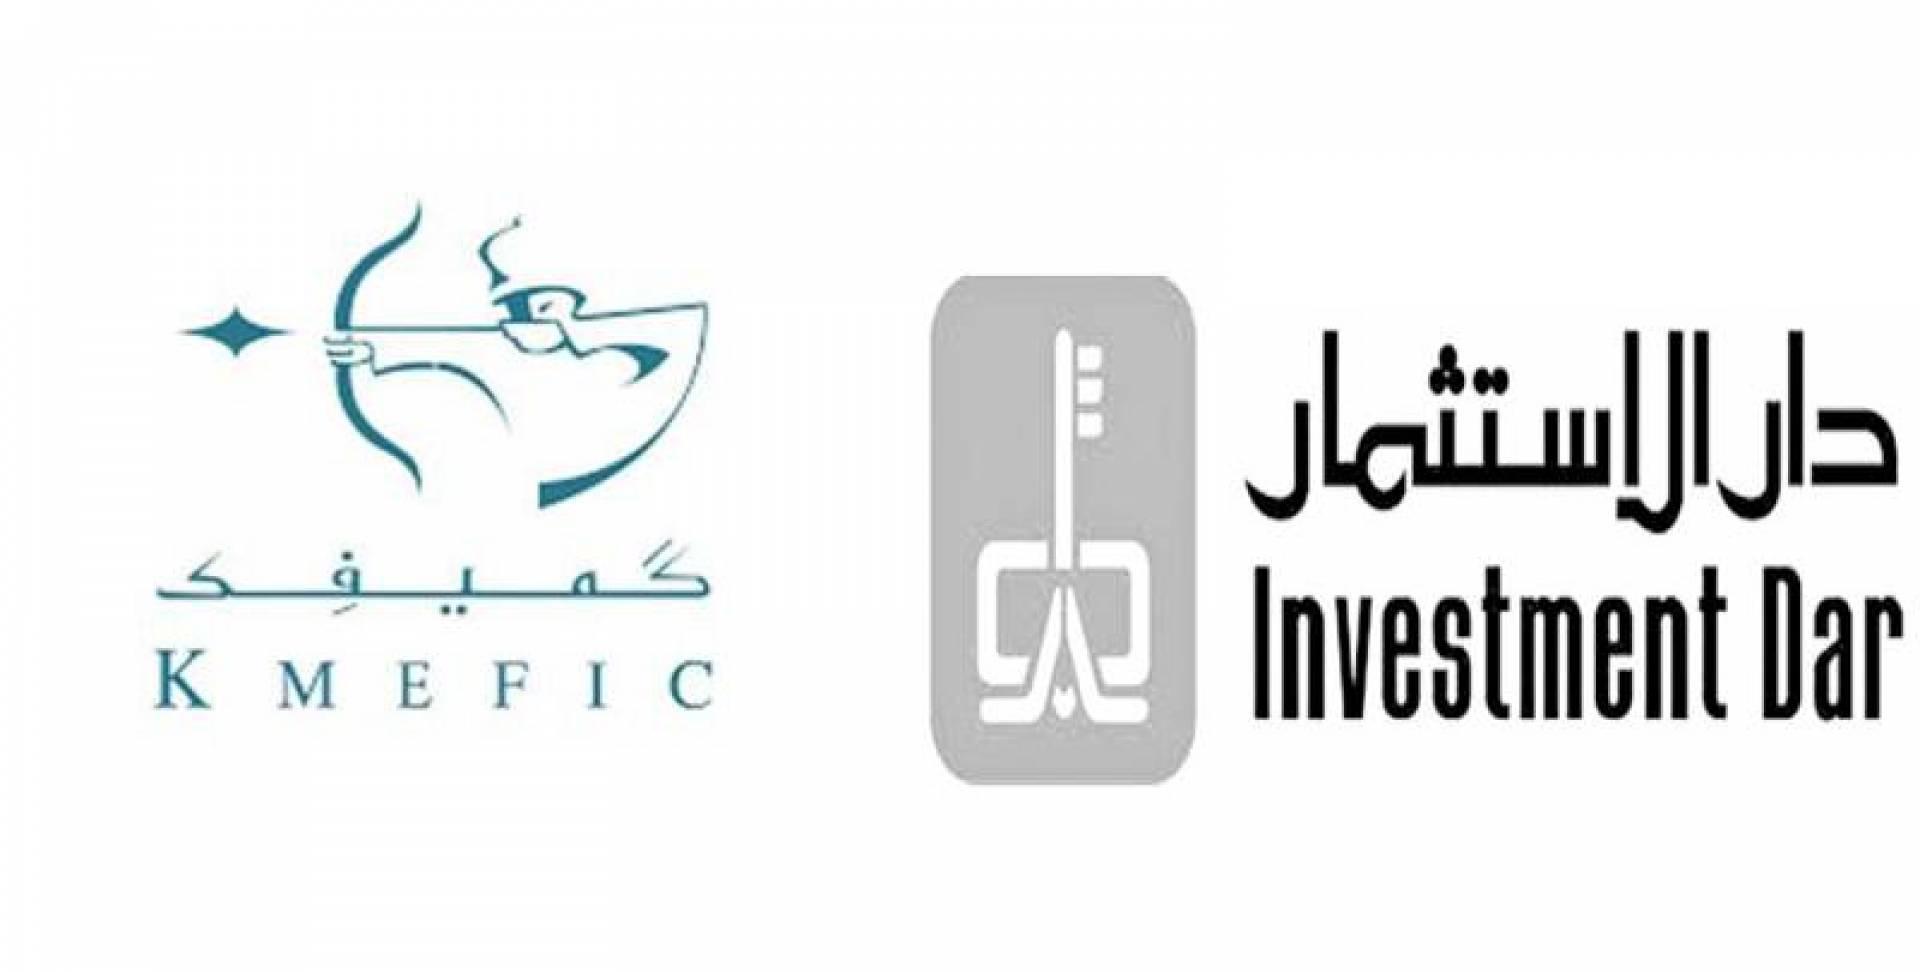 حكم برفض دعوى «كميفك» ضد دار الاستثمار